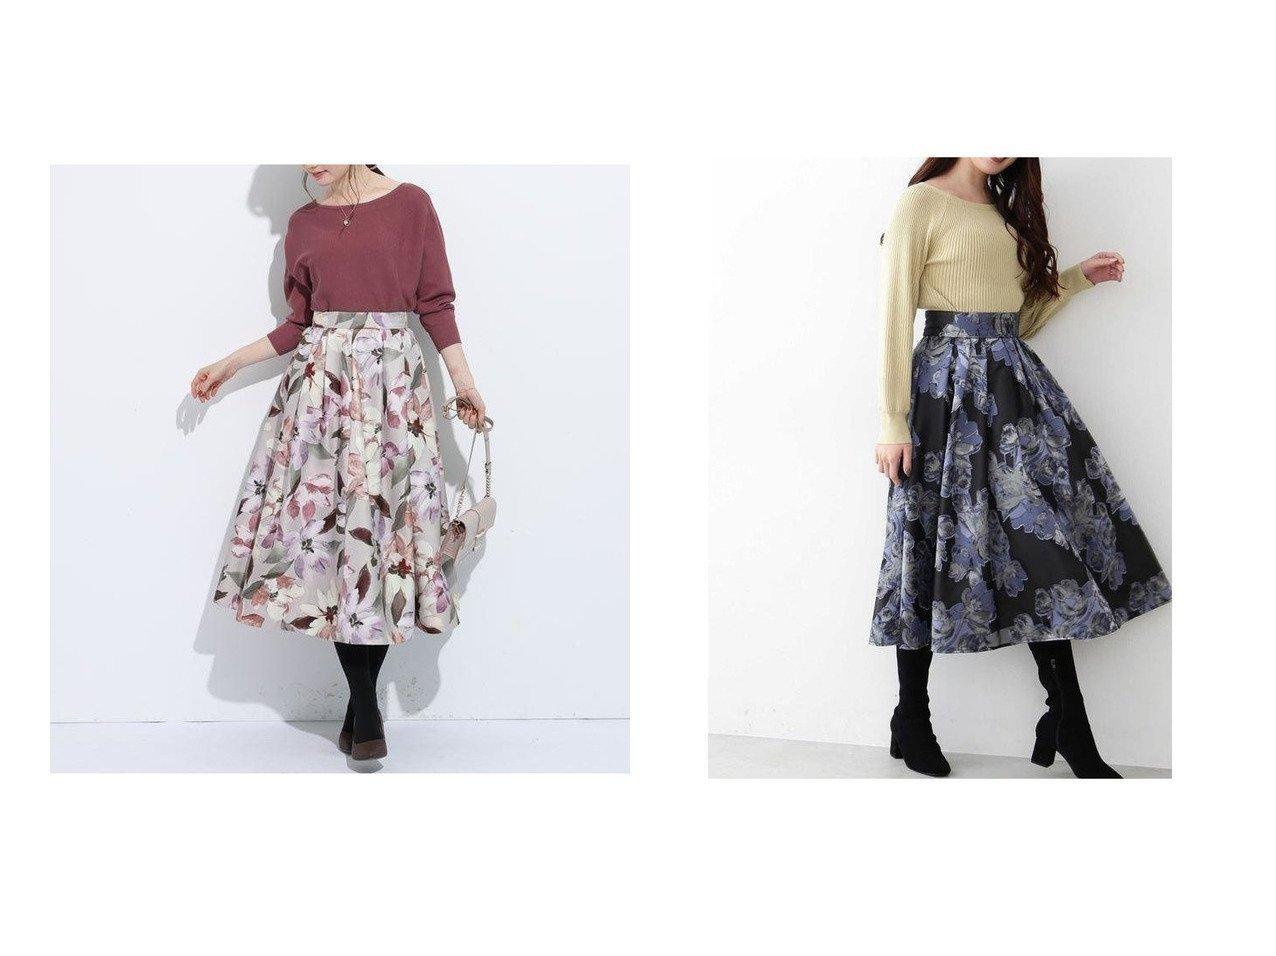 【Apuweiser-riche/アプワイザーリッシェ】のニュアンスフラワータックフレアスカート&【JILL by JILLSTUART/ジルバイジルスチュアート】のシアージャガードスカート スカートのおすすめ!人気、レディースファッションの通販 おすすめで人気のファッション通販商品 インテリア・家具・キッズファッション・メンズファッション・レディースファッション・服の通販 founy(ファニー) https://founy.com/ ファッション Fashion レディース WOMEN スカート Skirt Aライン/フレアスカート Flared A-Line Skirts ギャザー コンパクト フレア プリント リラックス ワーク クラシカル フェミニン  ID:crp329100000001466